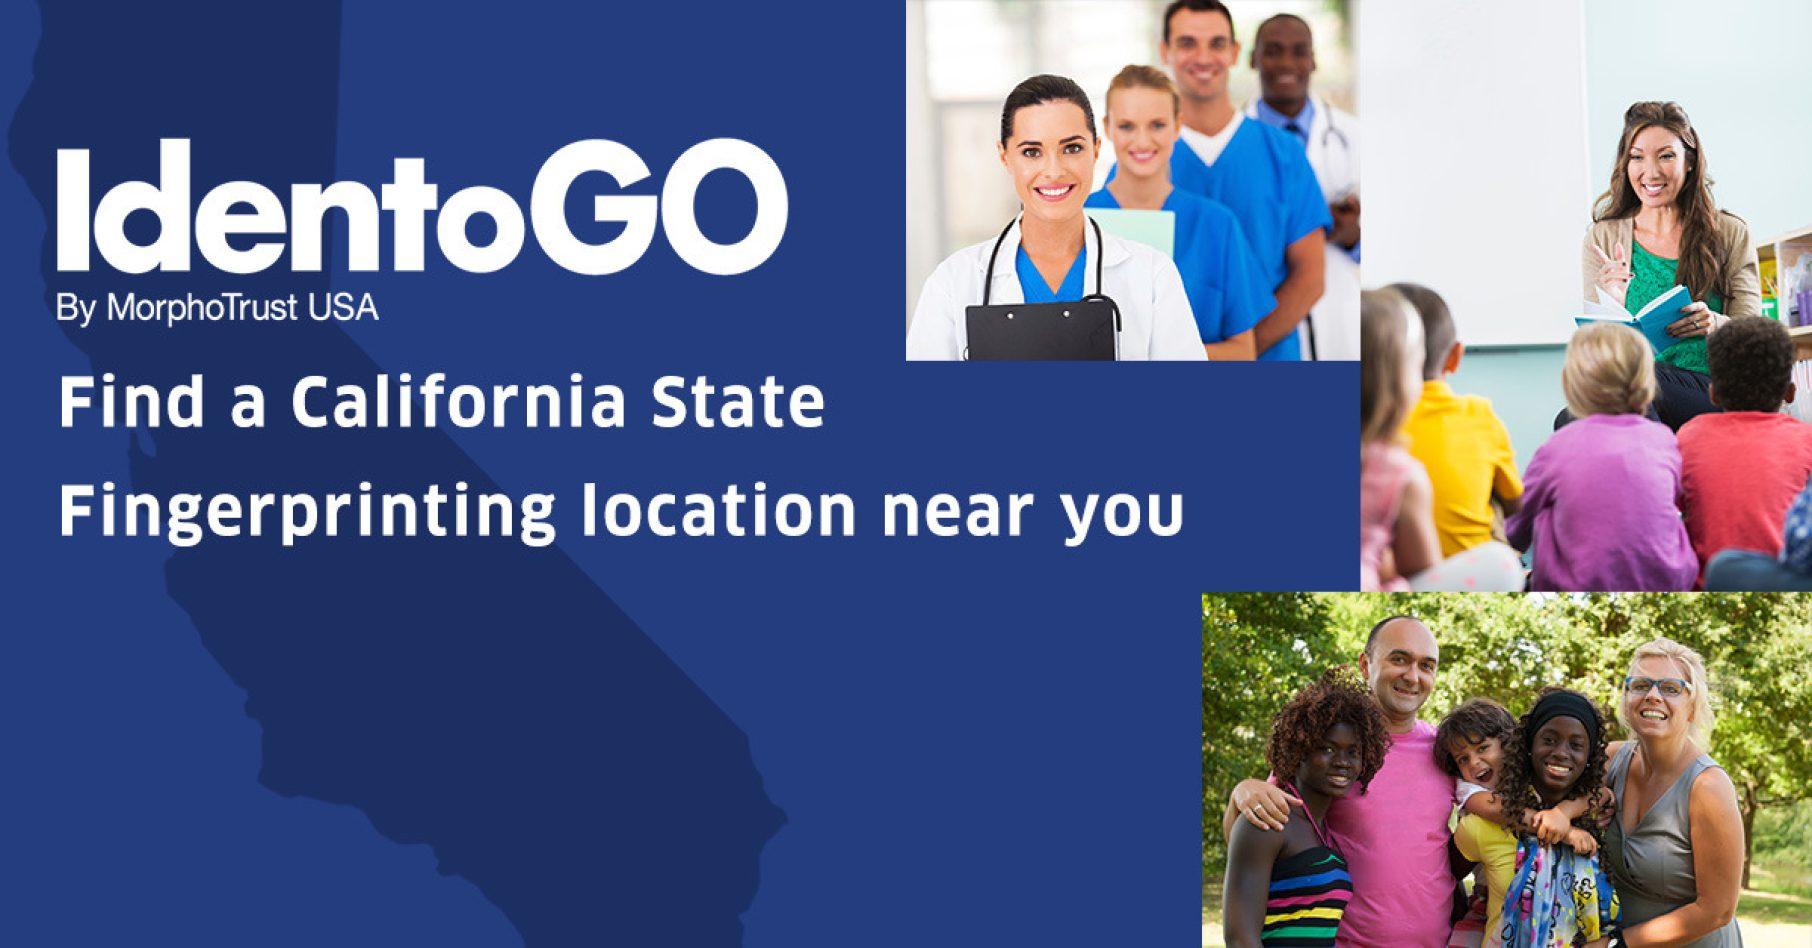 California State Fingerprinting | Identogo